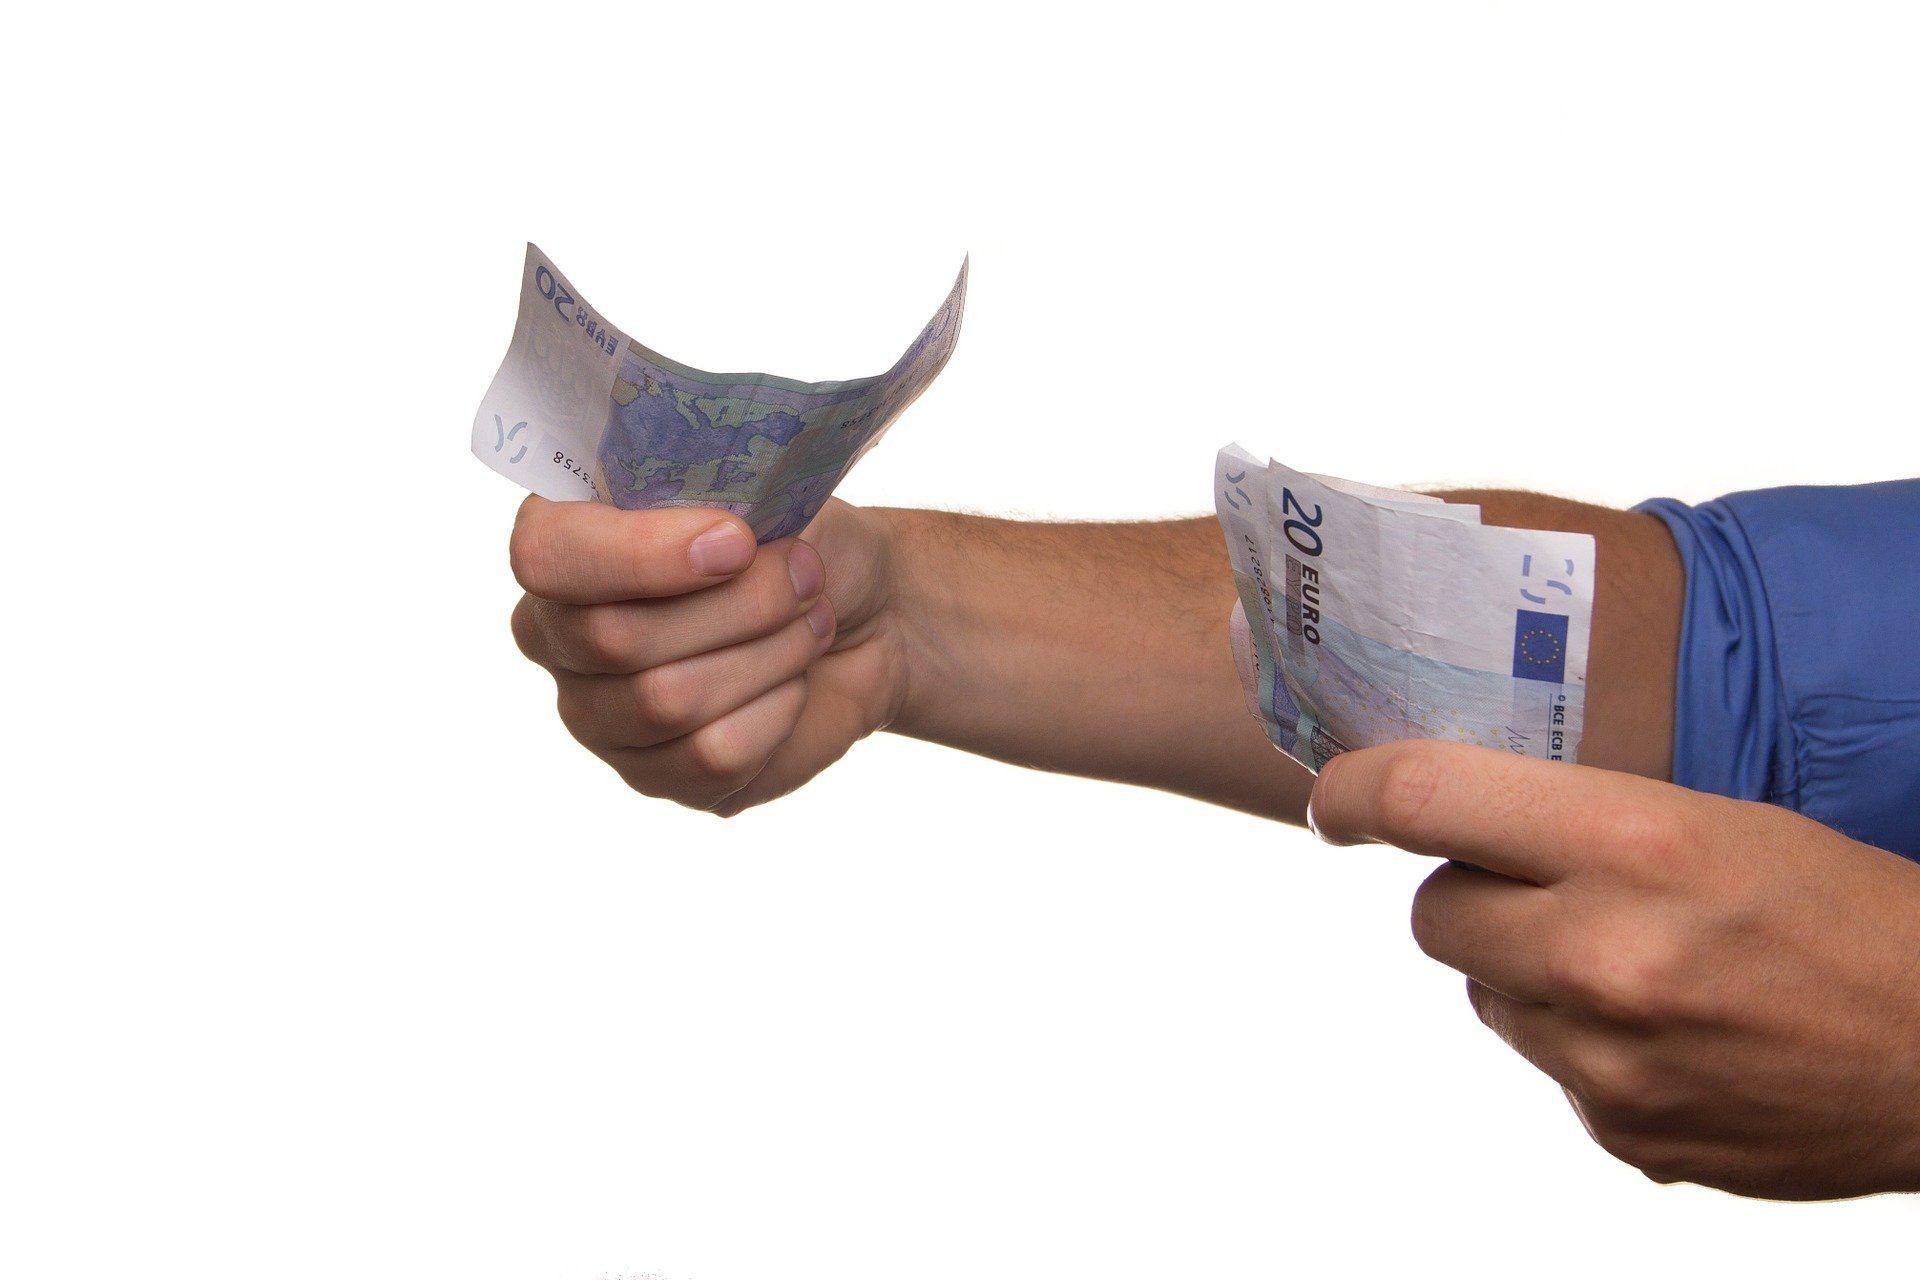 Prêt du Crédit Mutuel - Apprenez Comment Choisir et Financer une Voiture